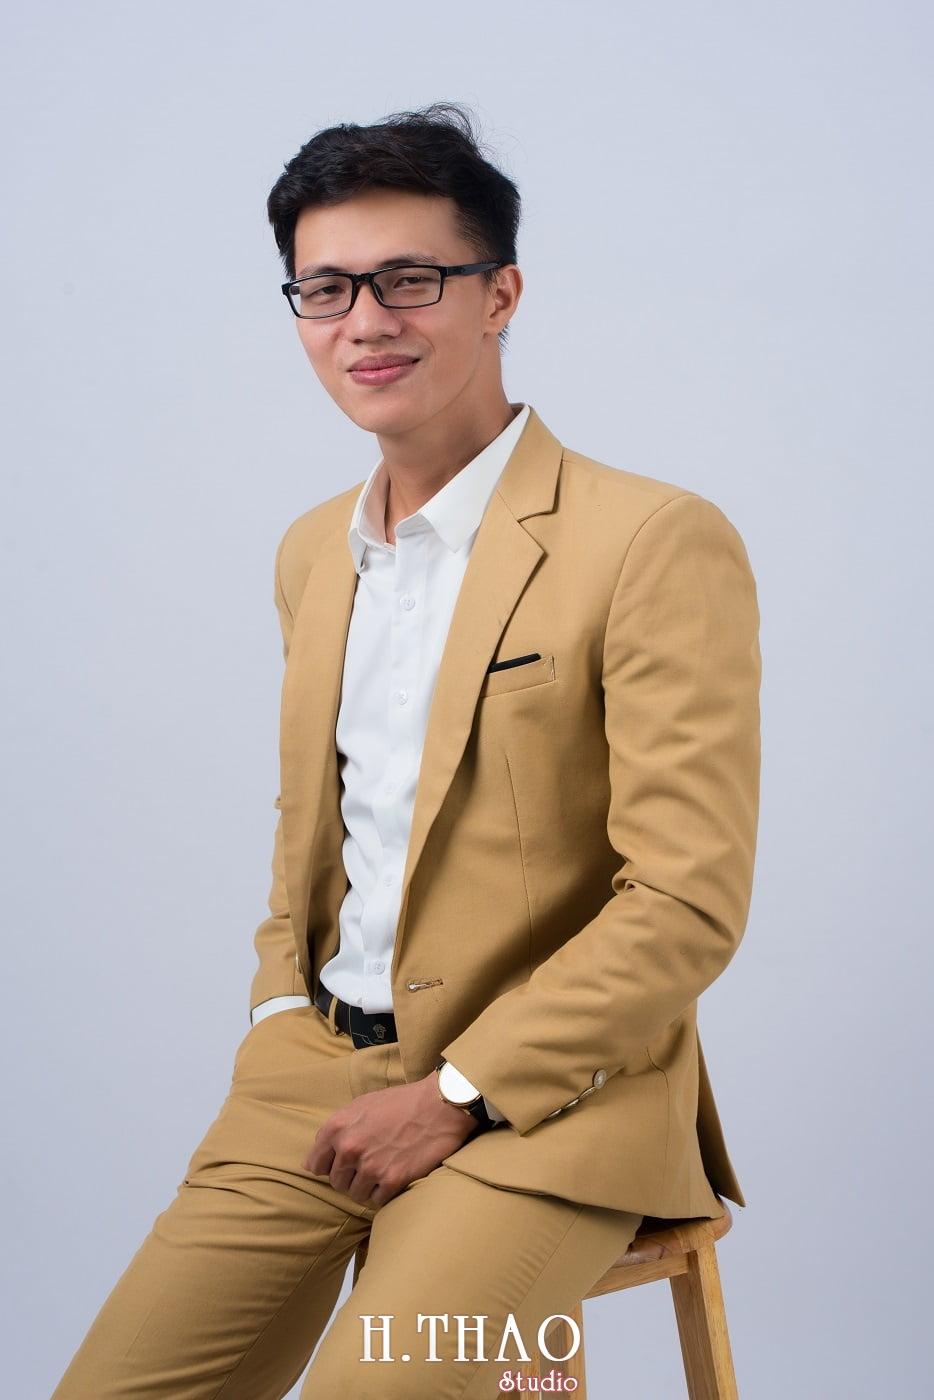 Leo 6 min - Studio chụp ảnh profile cá nhân chuyên nghiệp ở Tp.HCM- HThao Studio